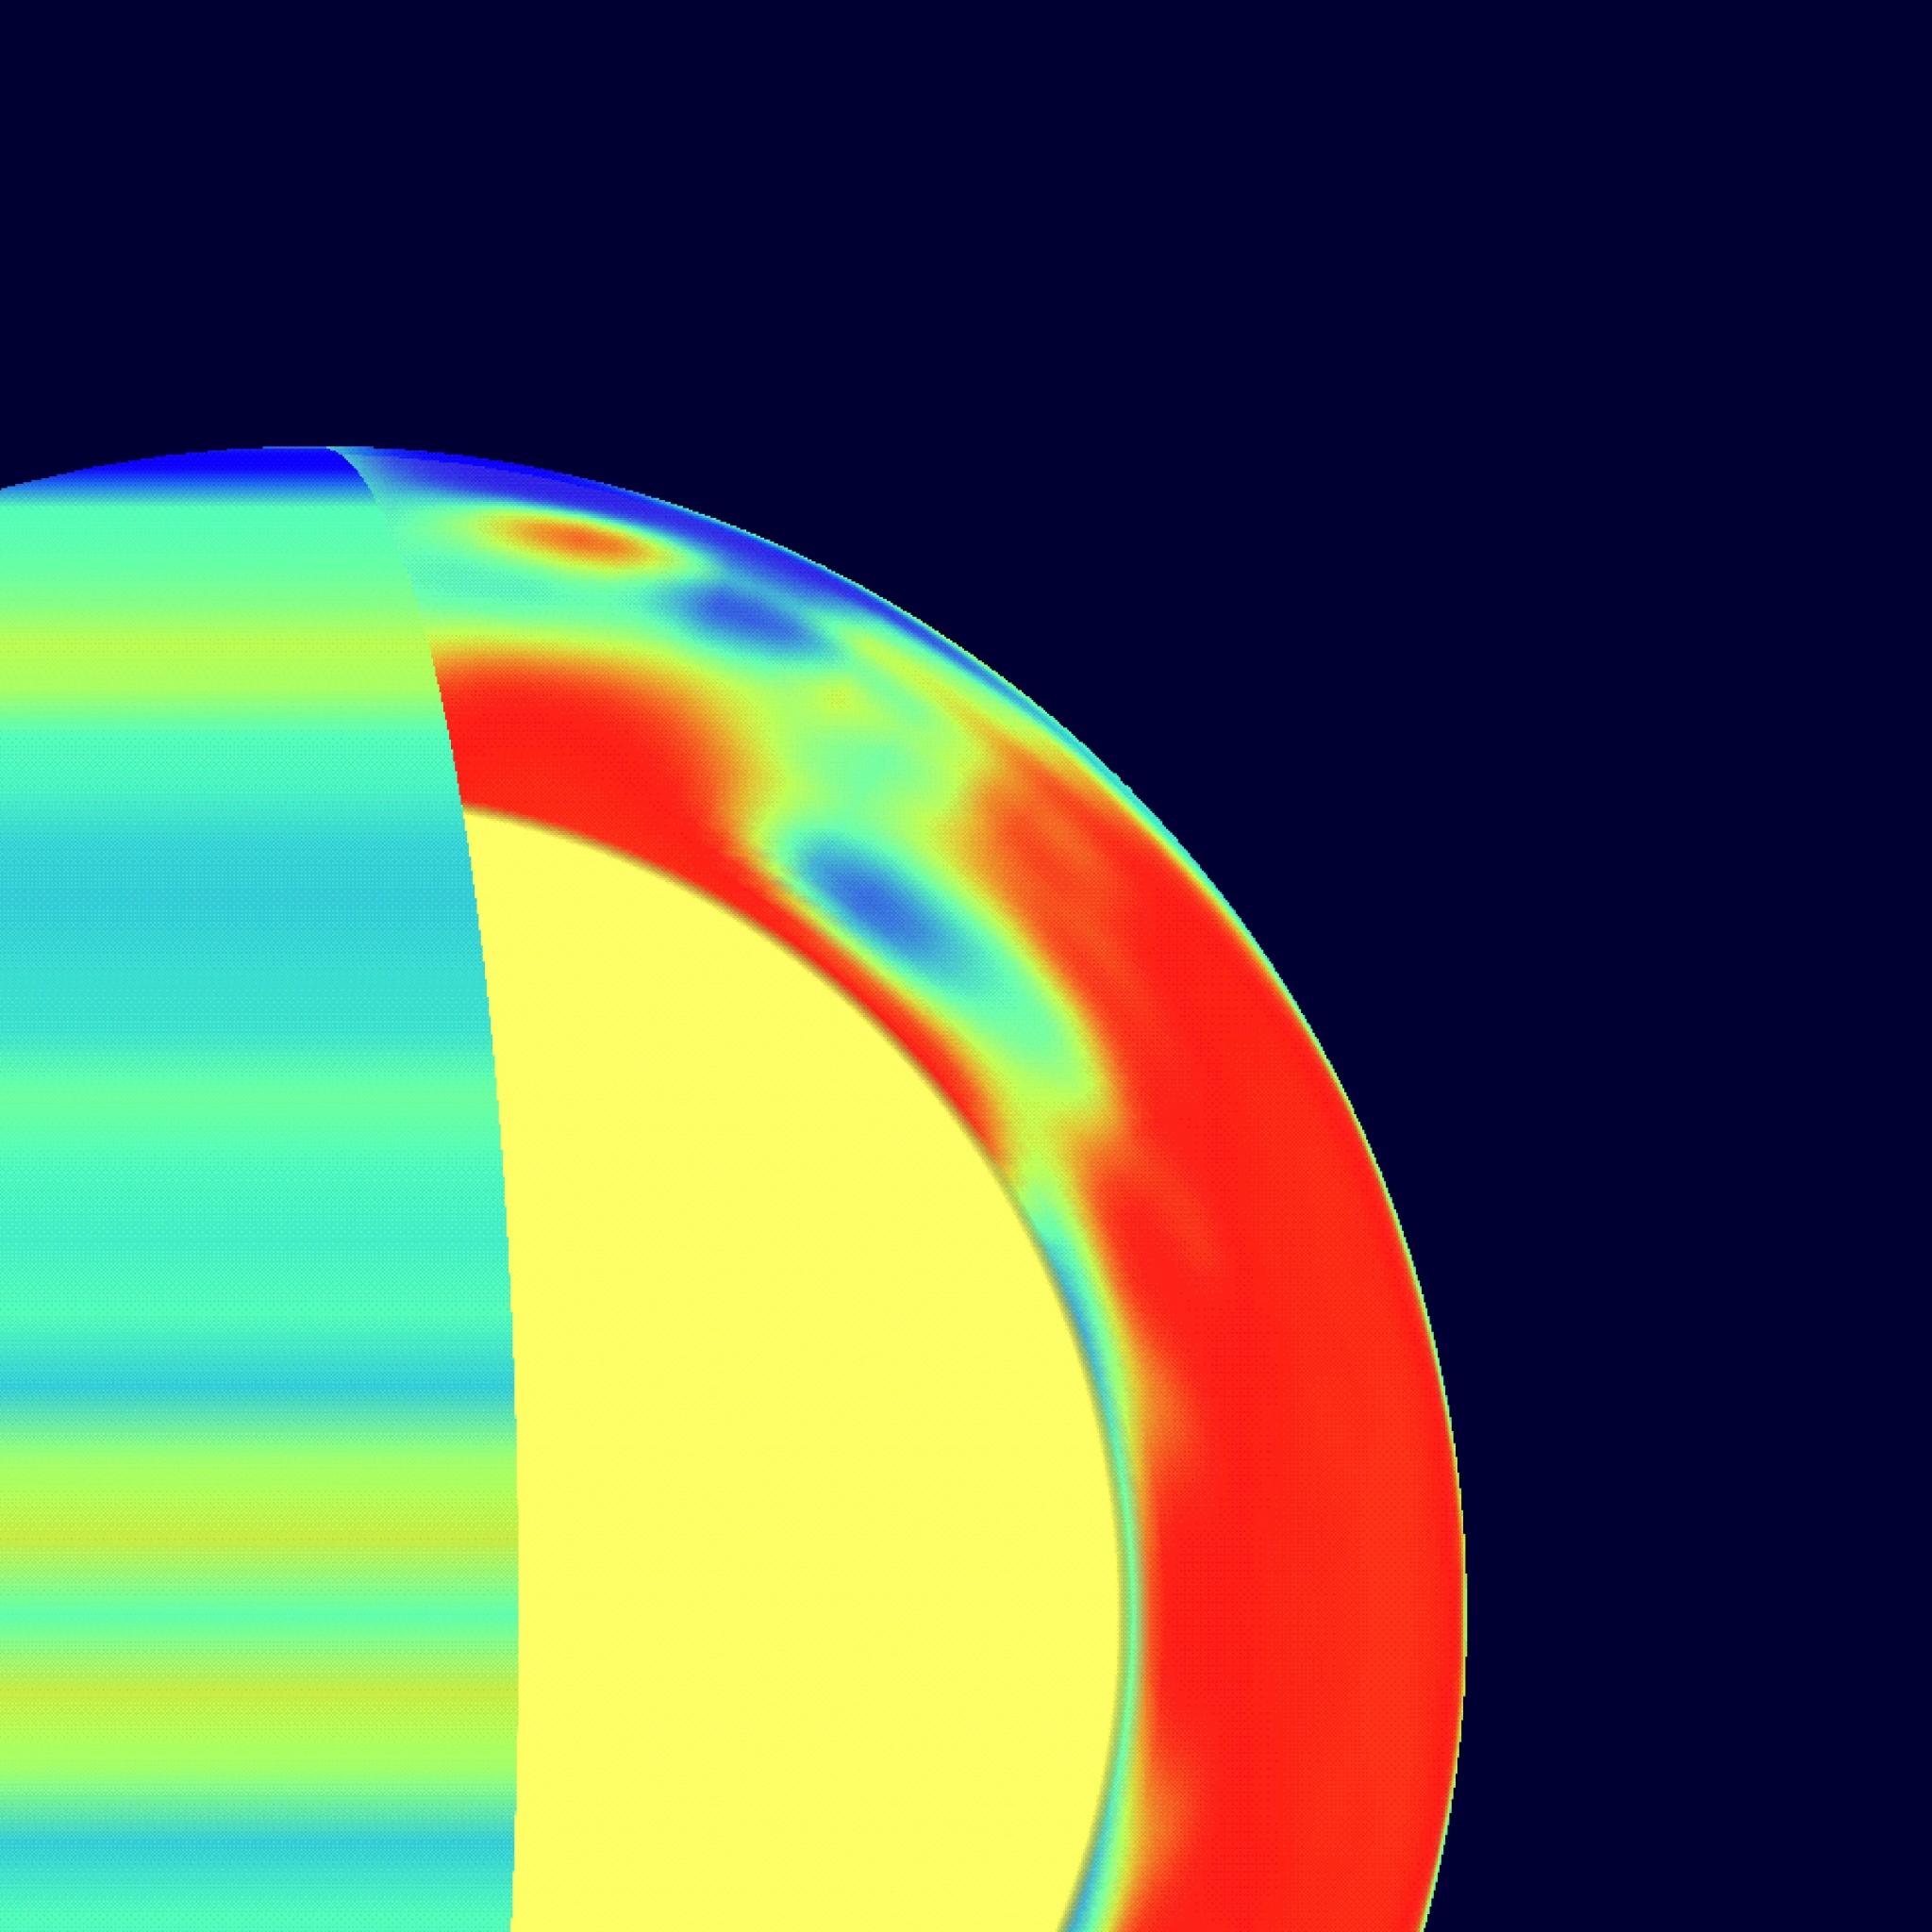 1567218090422-solar-rotation5-large.jpg